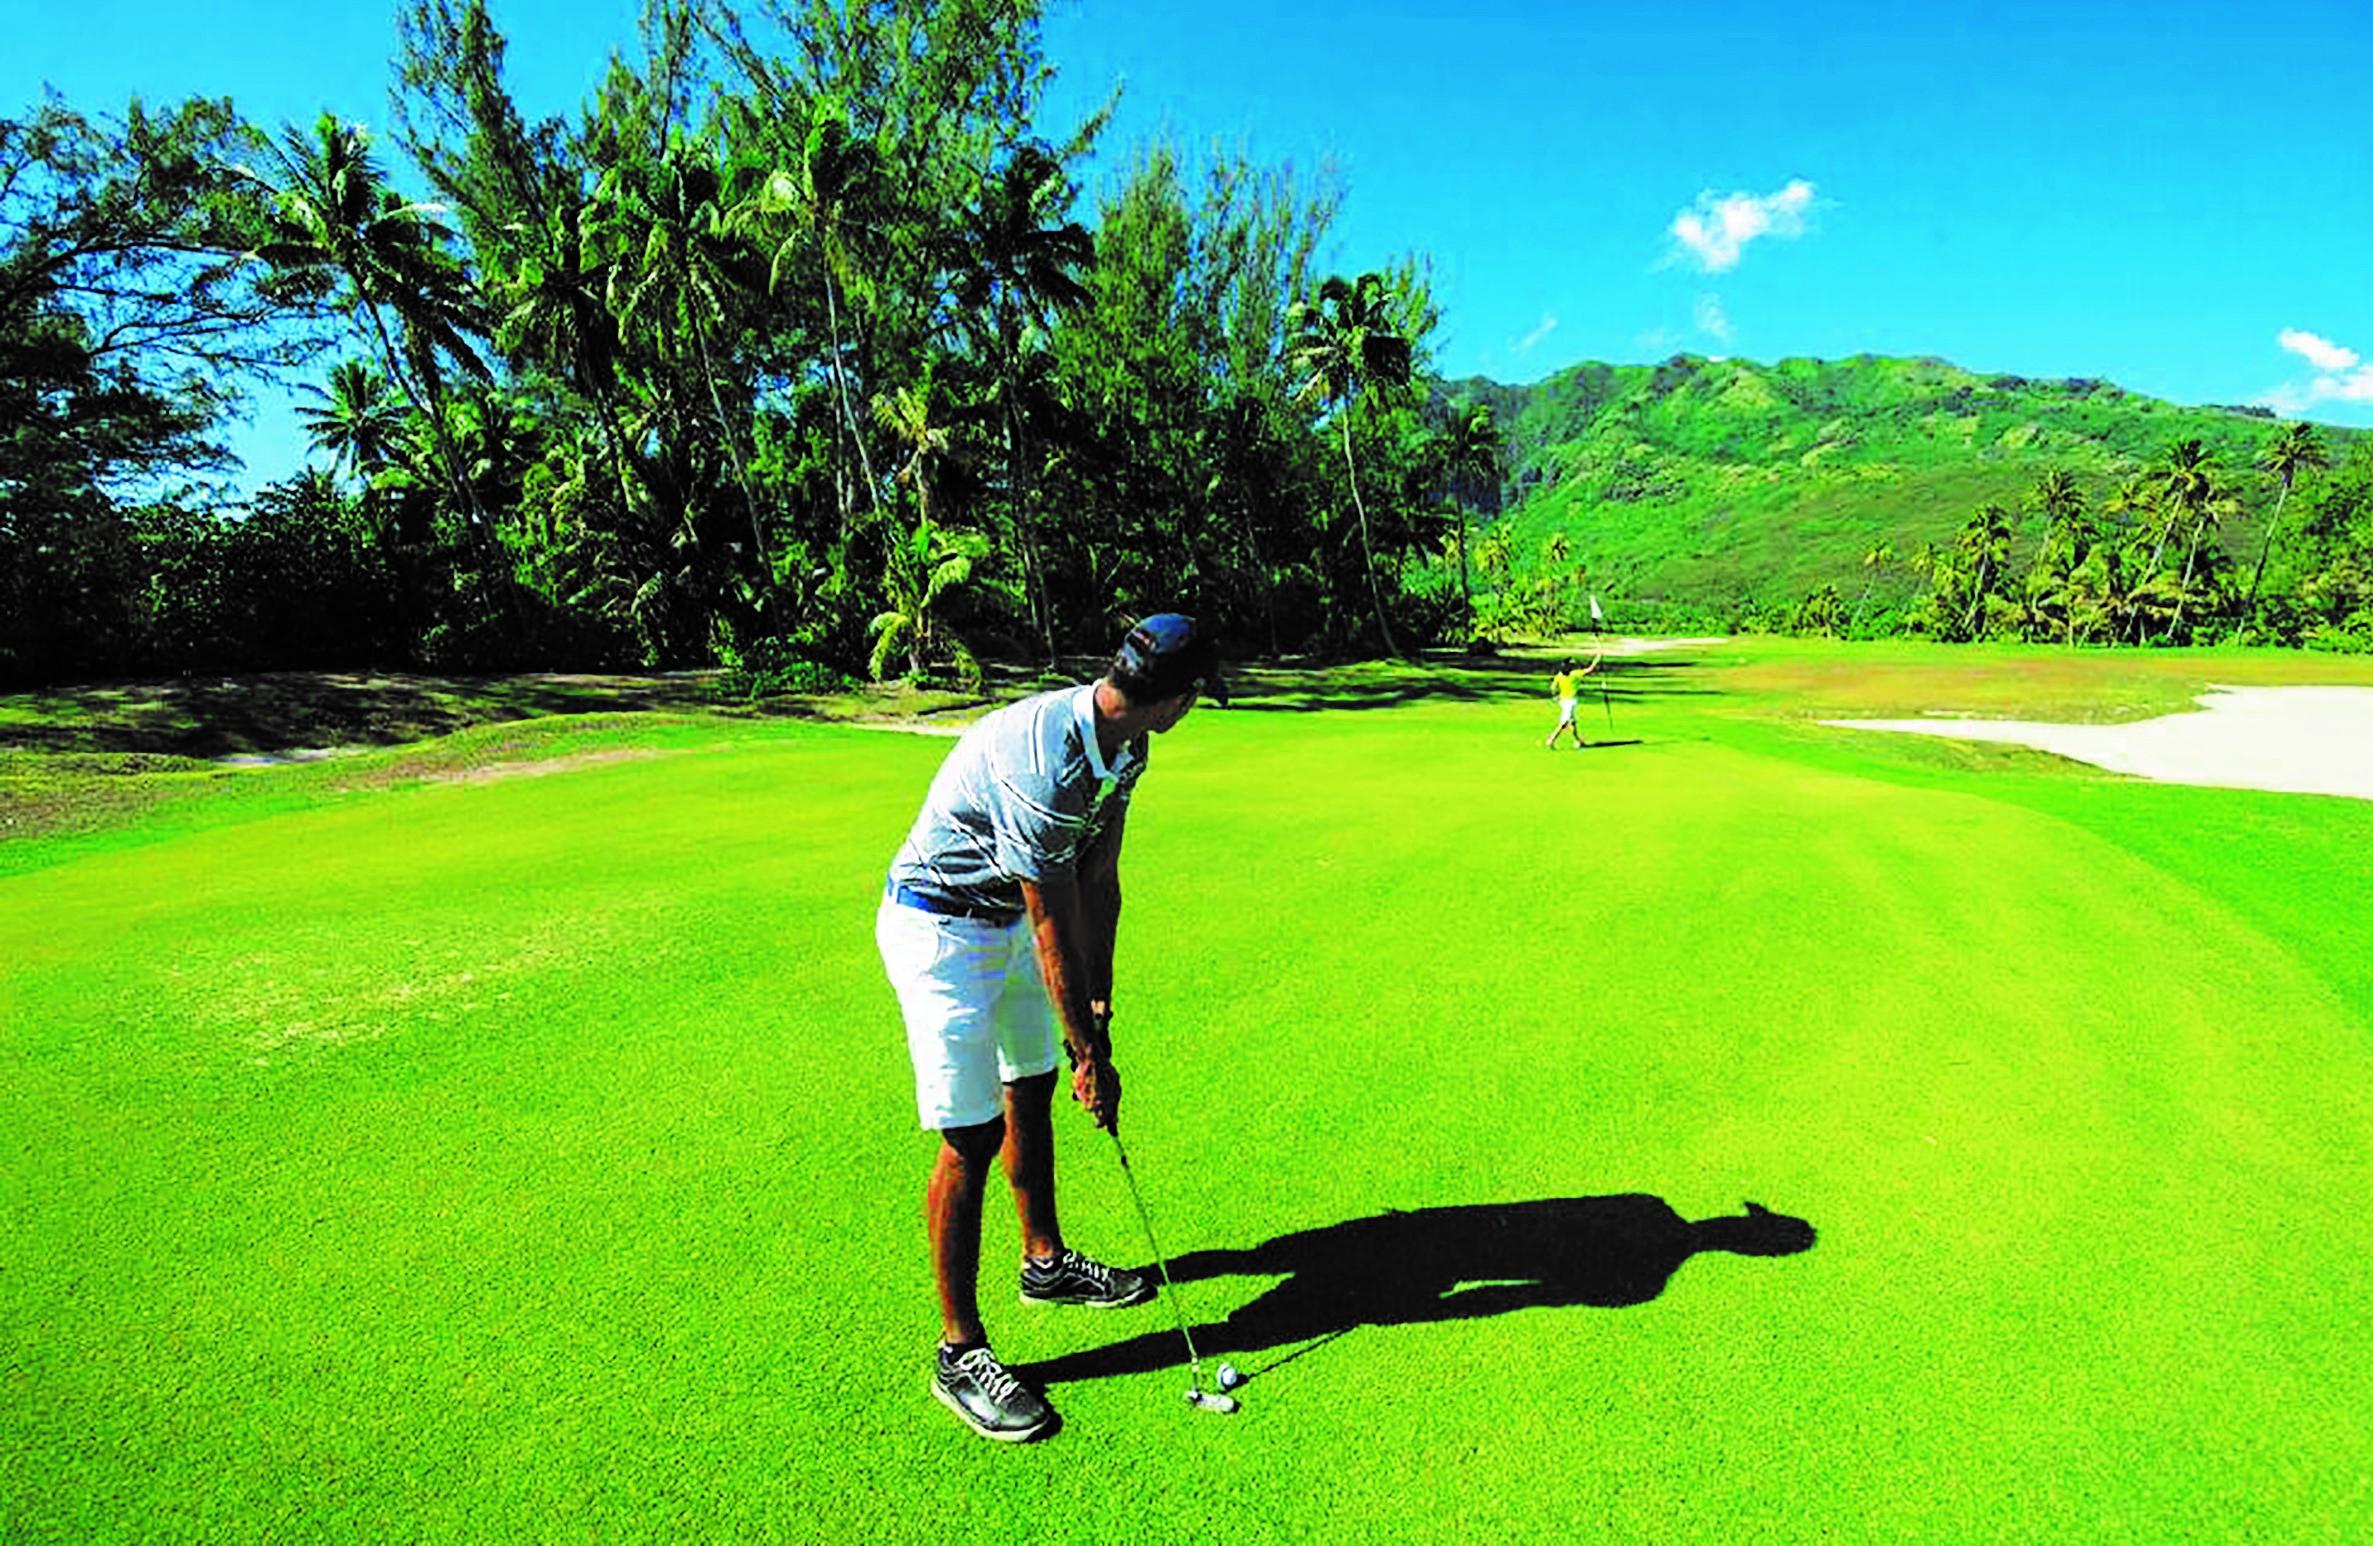 Plus d'une centaine de golfeurs, amateurs comme professionnels, sont attendus à Moorea la semaine prochaine.